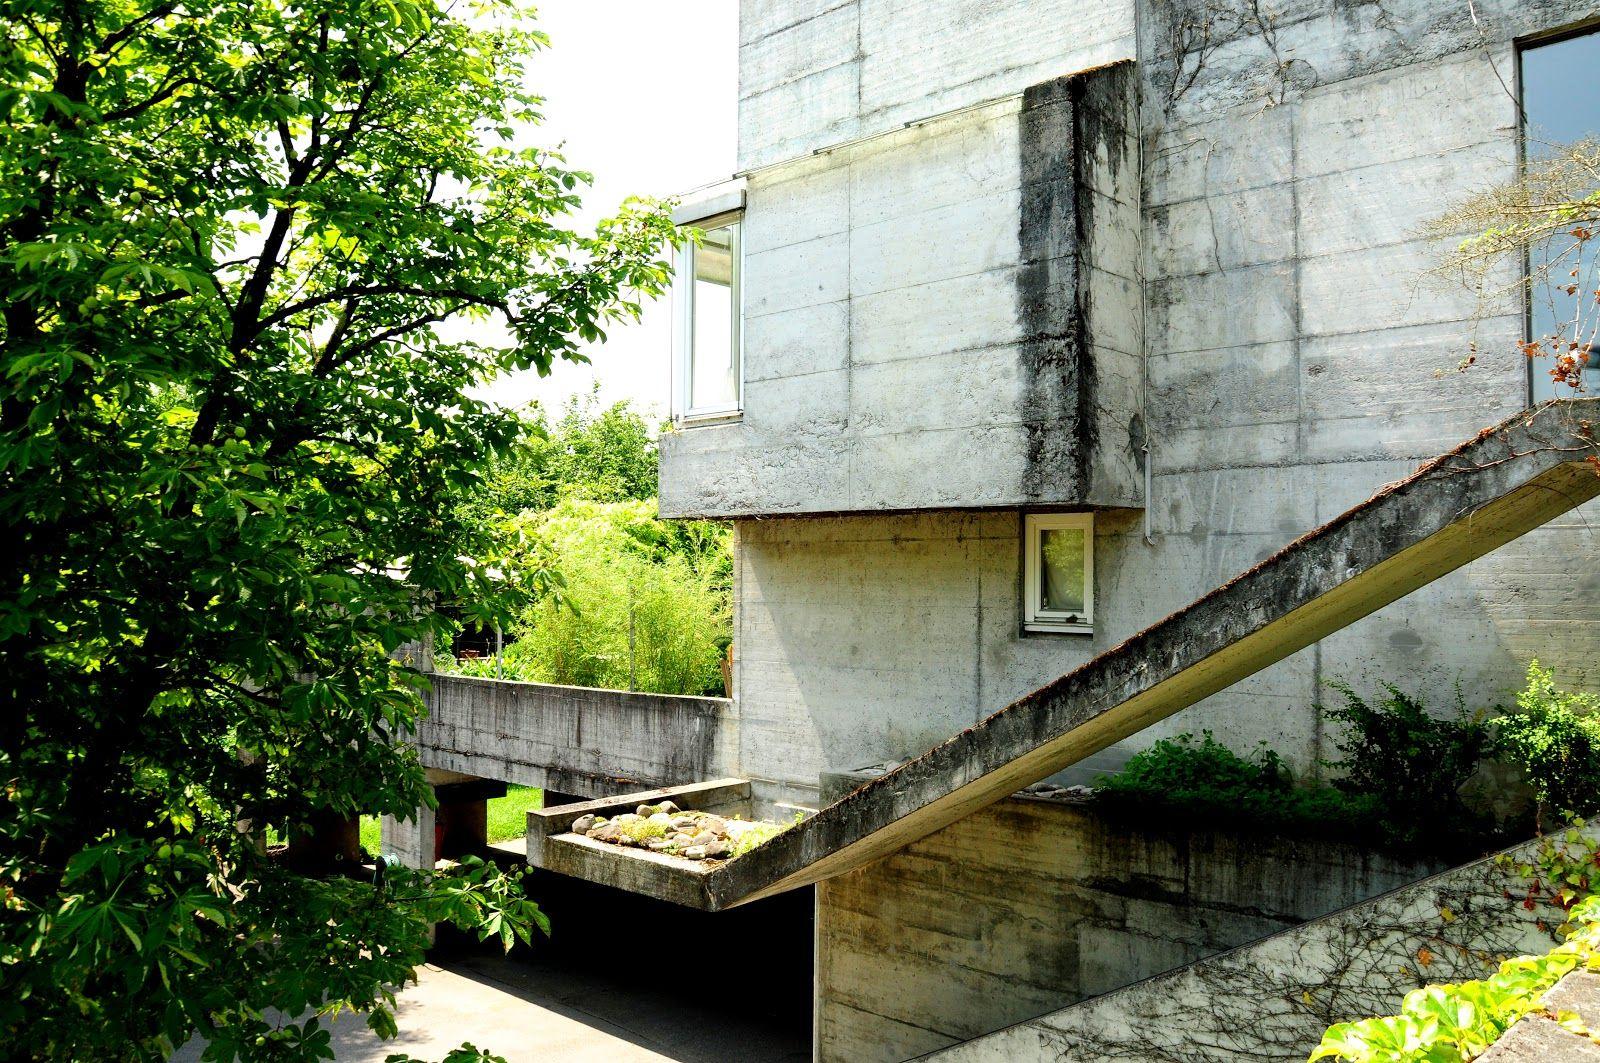 Atelier 5 siedlung halen bern switzerland 1959 61 for Atelier 5 architecture